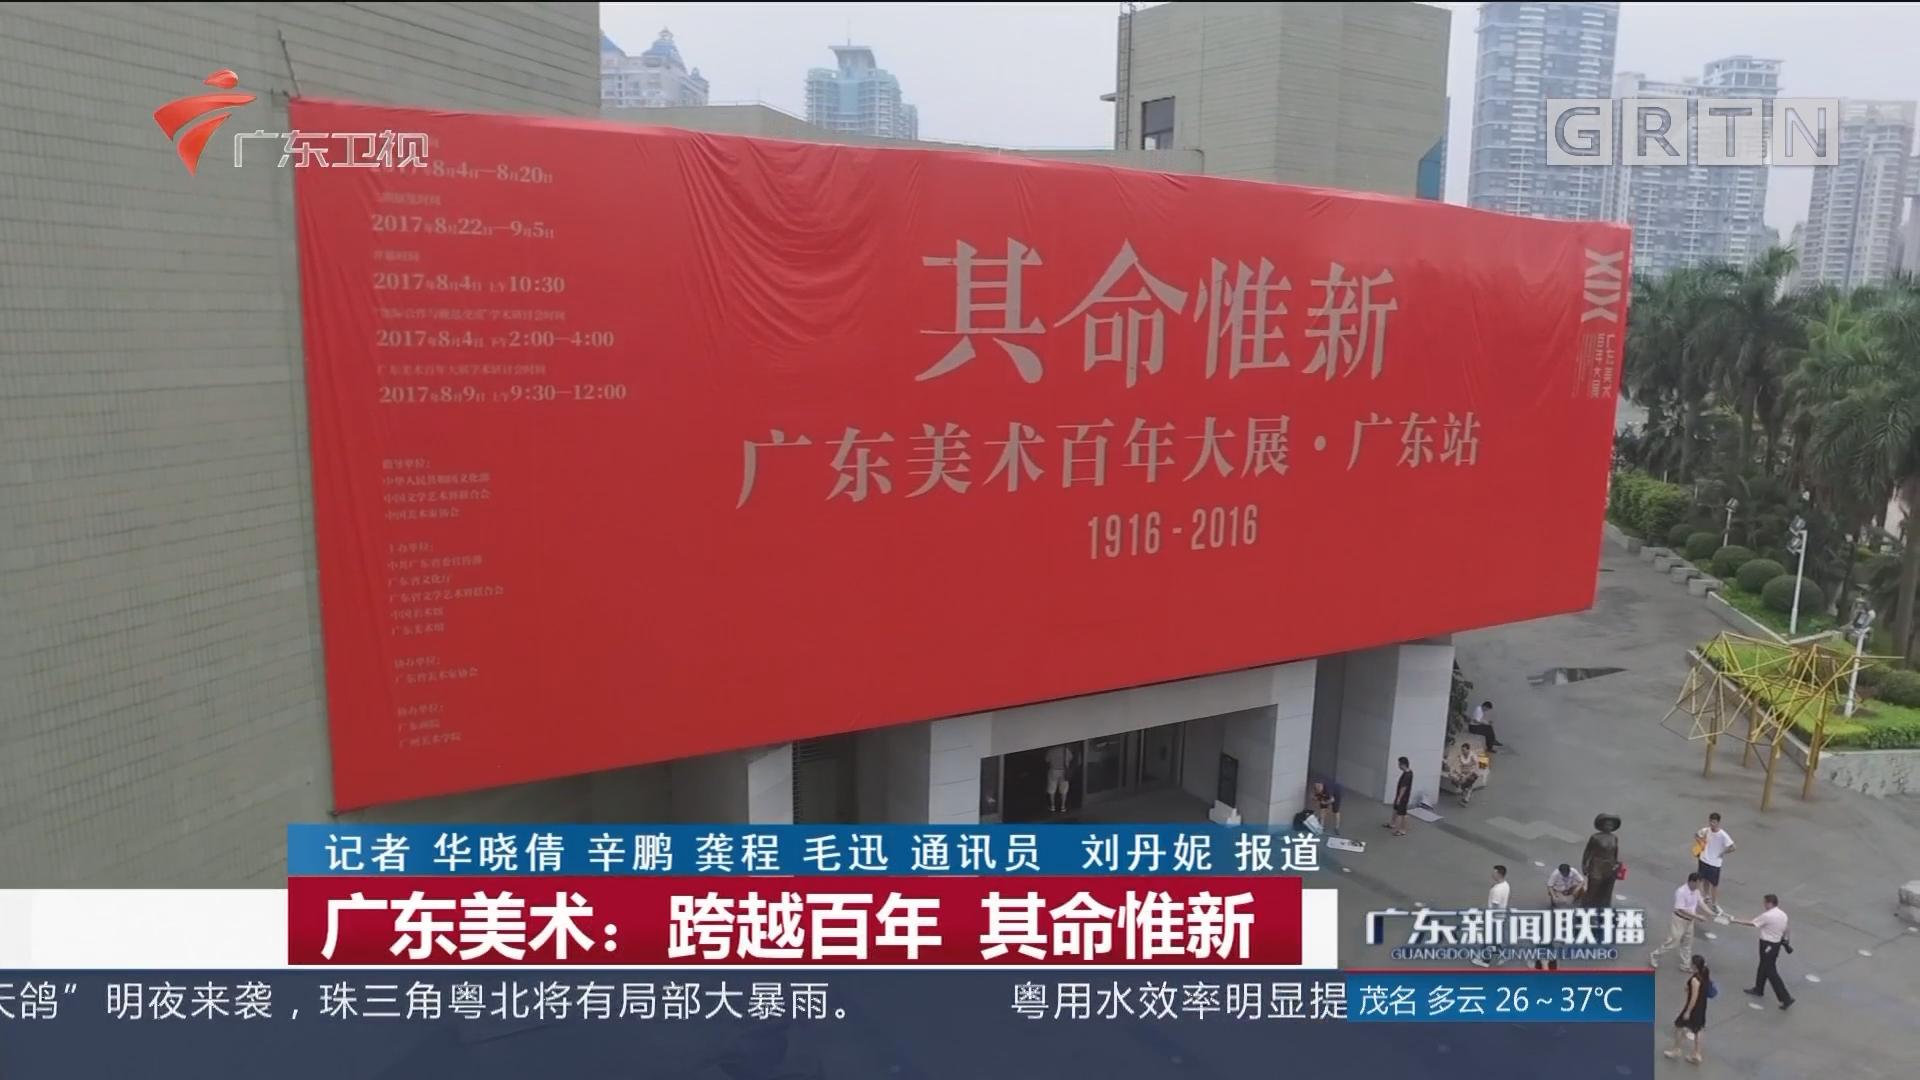 广东美术:跨越百年 其命惟新